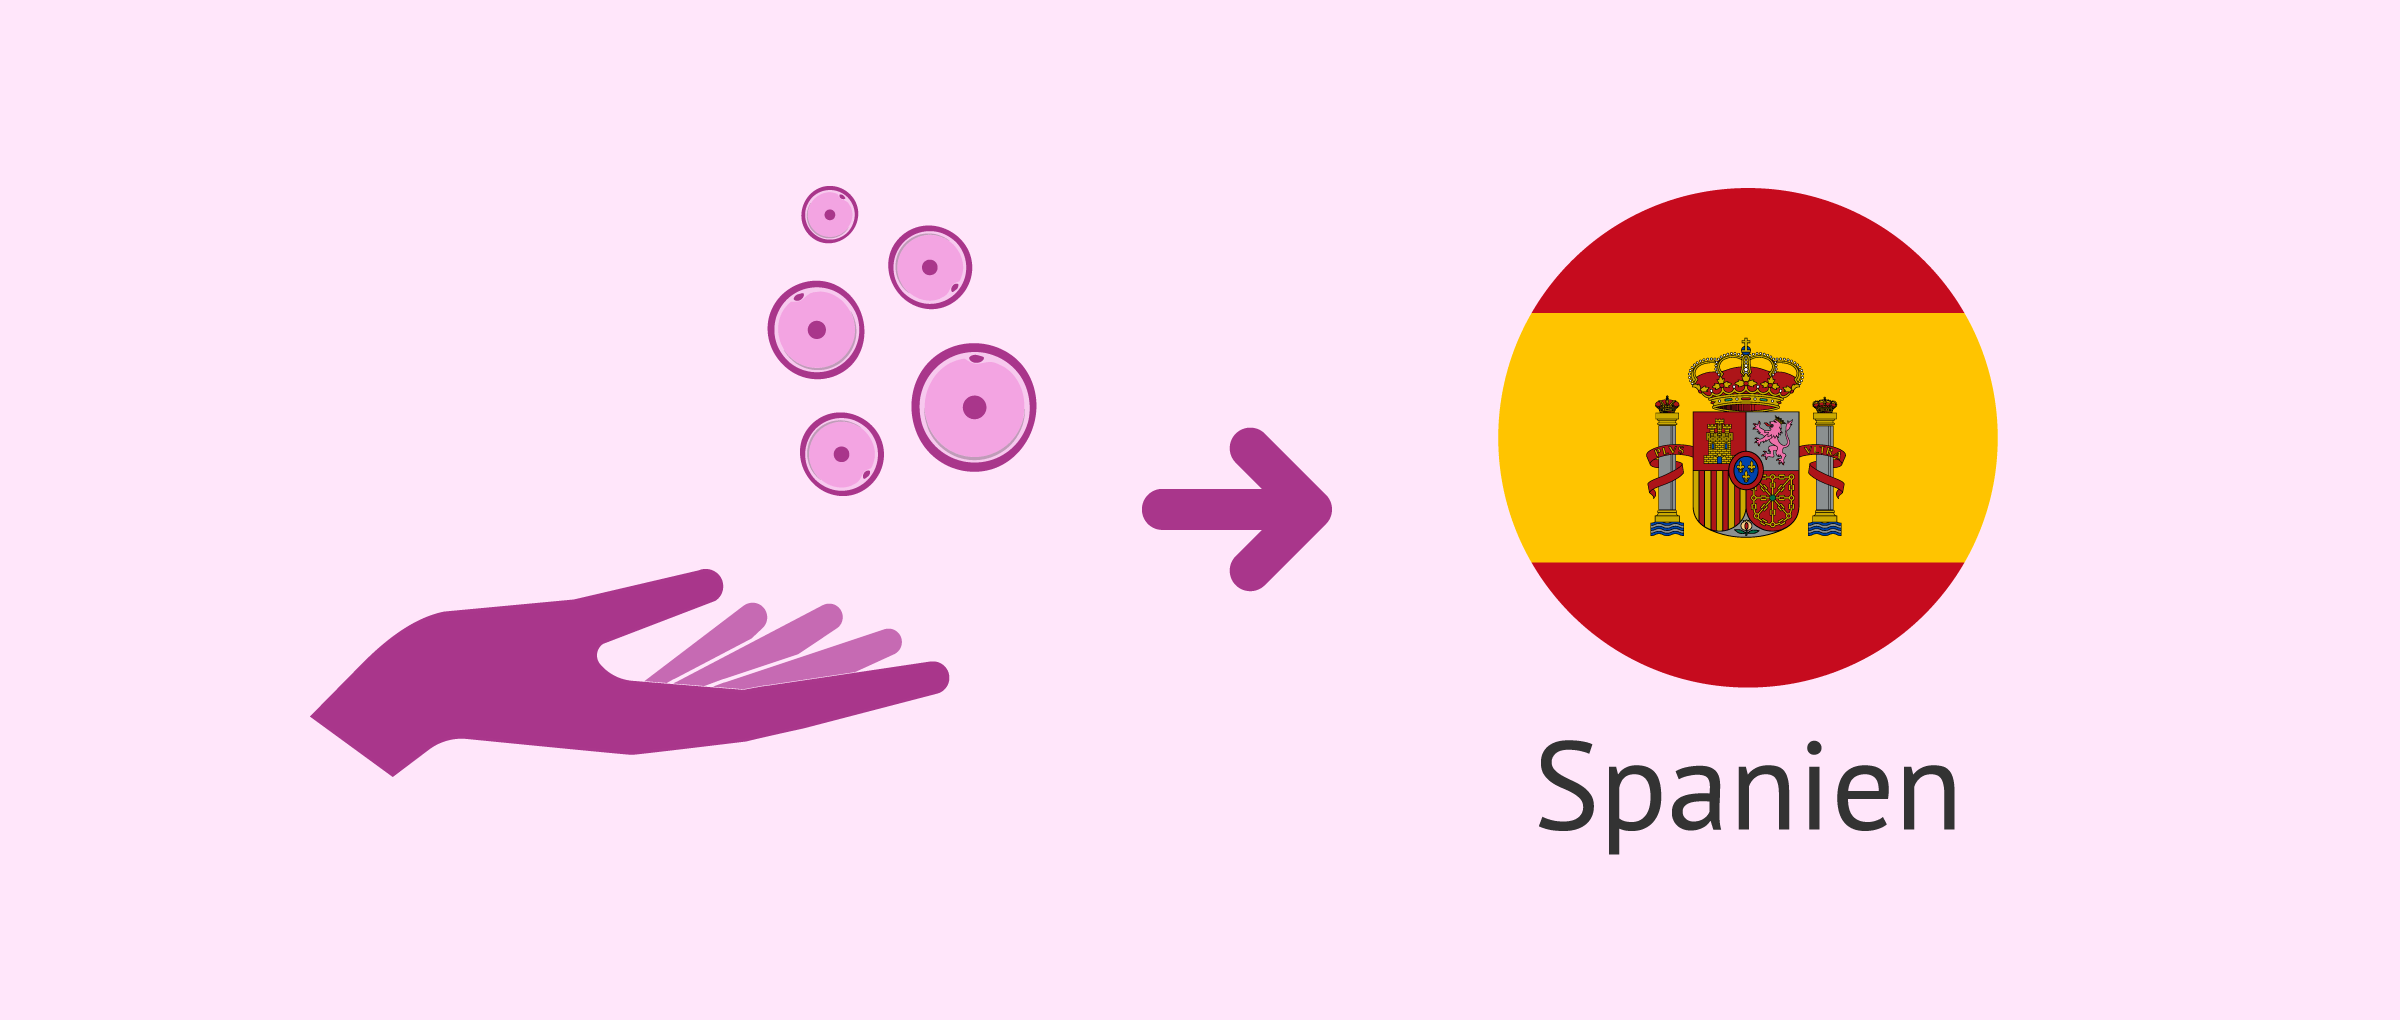 Eizellenspende in Spanien